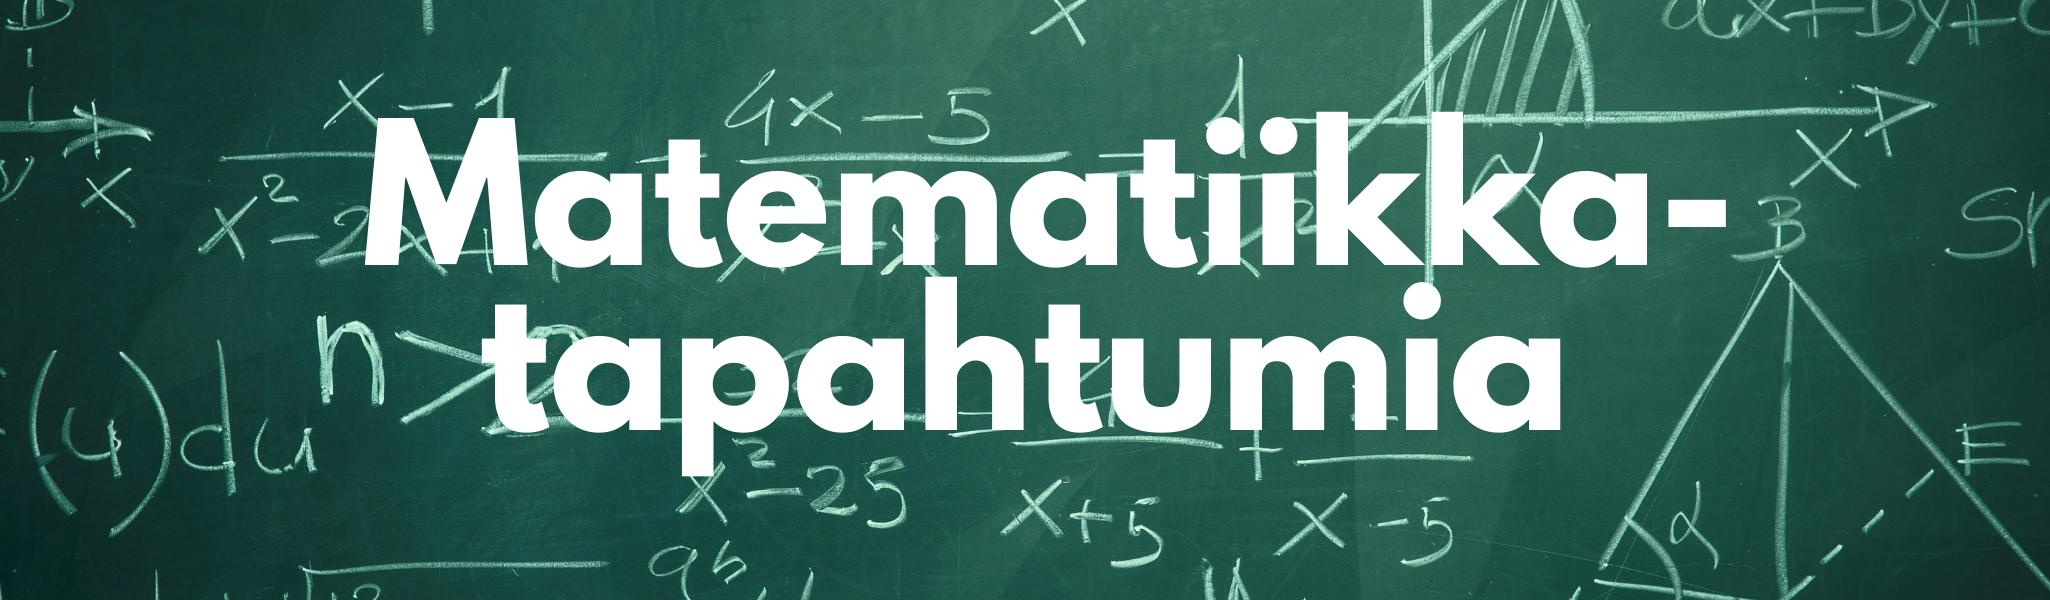 Matematiikkatapahtumia